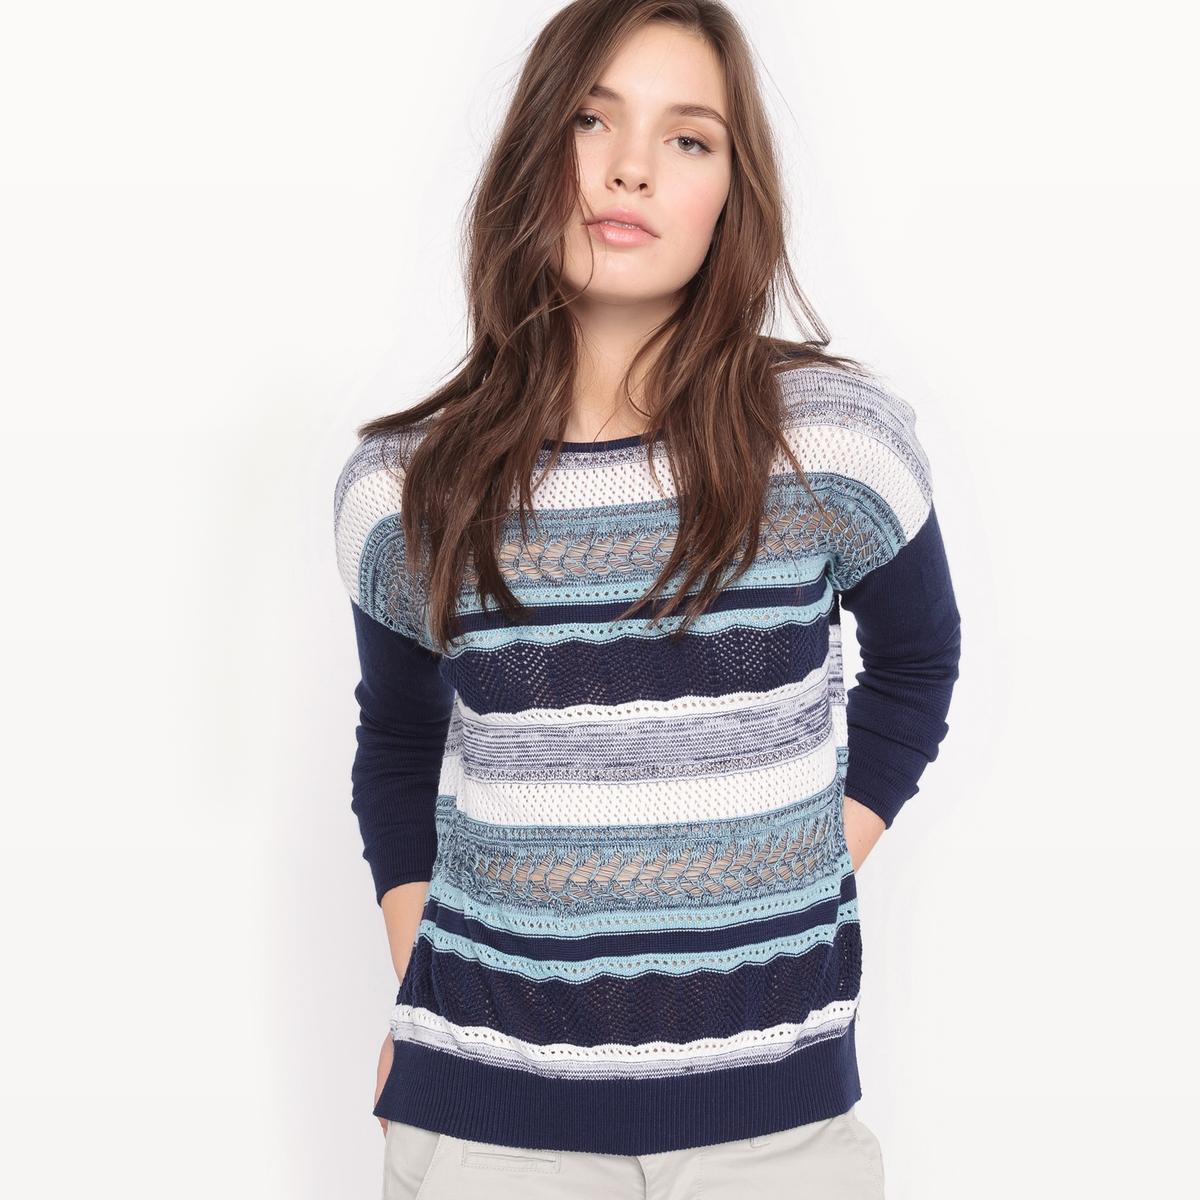 Пуловер с круглым вырезом из акрилаМатериал : 55% акрила, 45% хлопка Длина рукава : длинные рукава Форма воротника : круглый вырез Покрой пуловера : стандартный Рисунок : в полоску<br><br>Цвет: в полоску экрю/синий